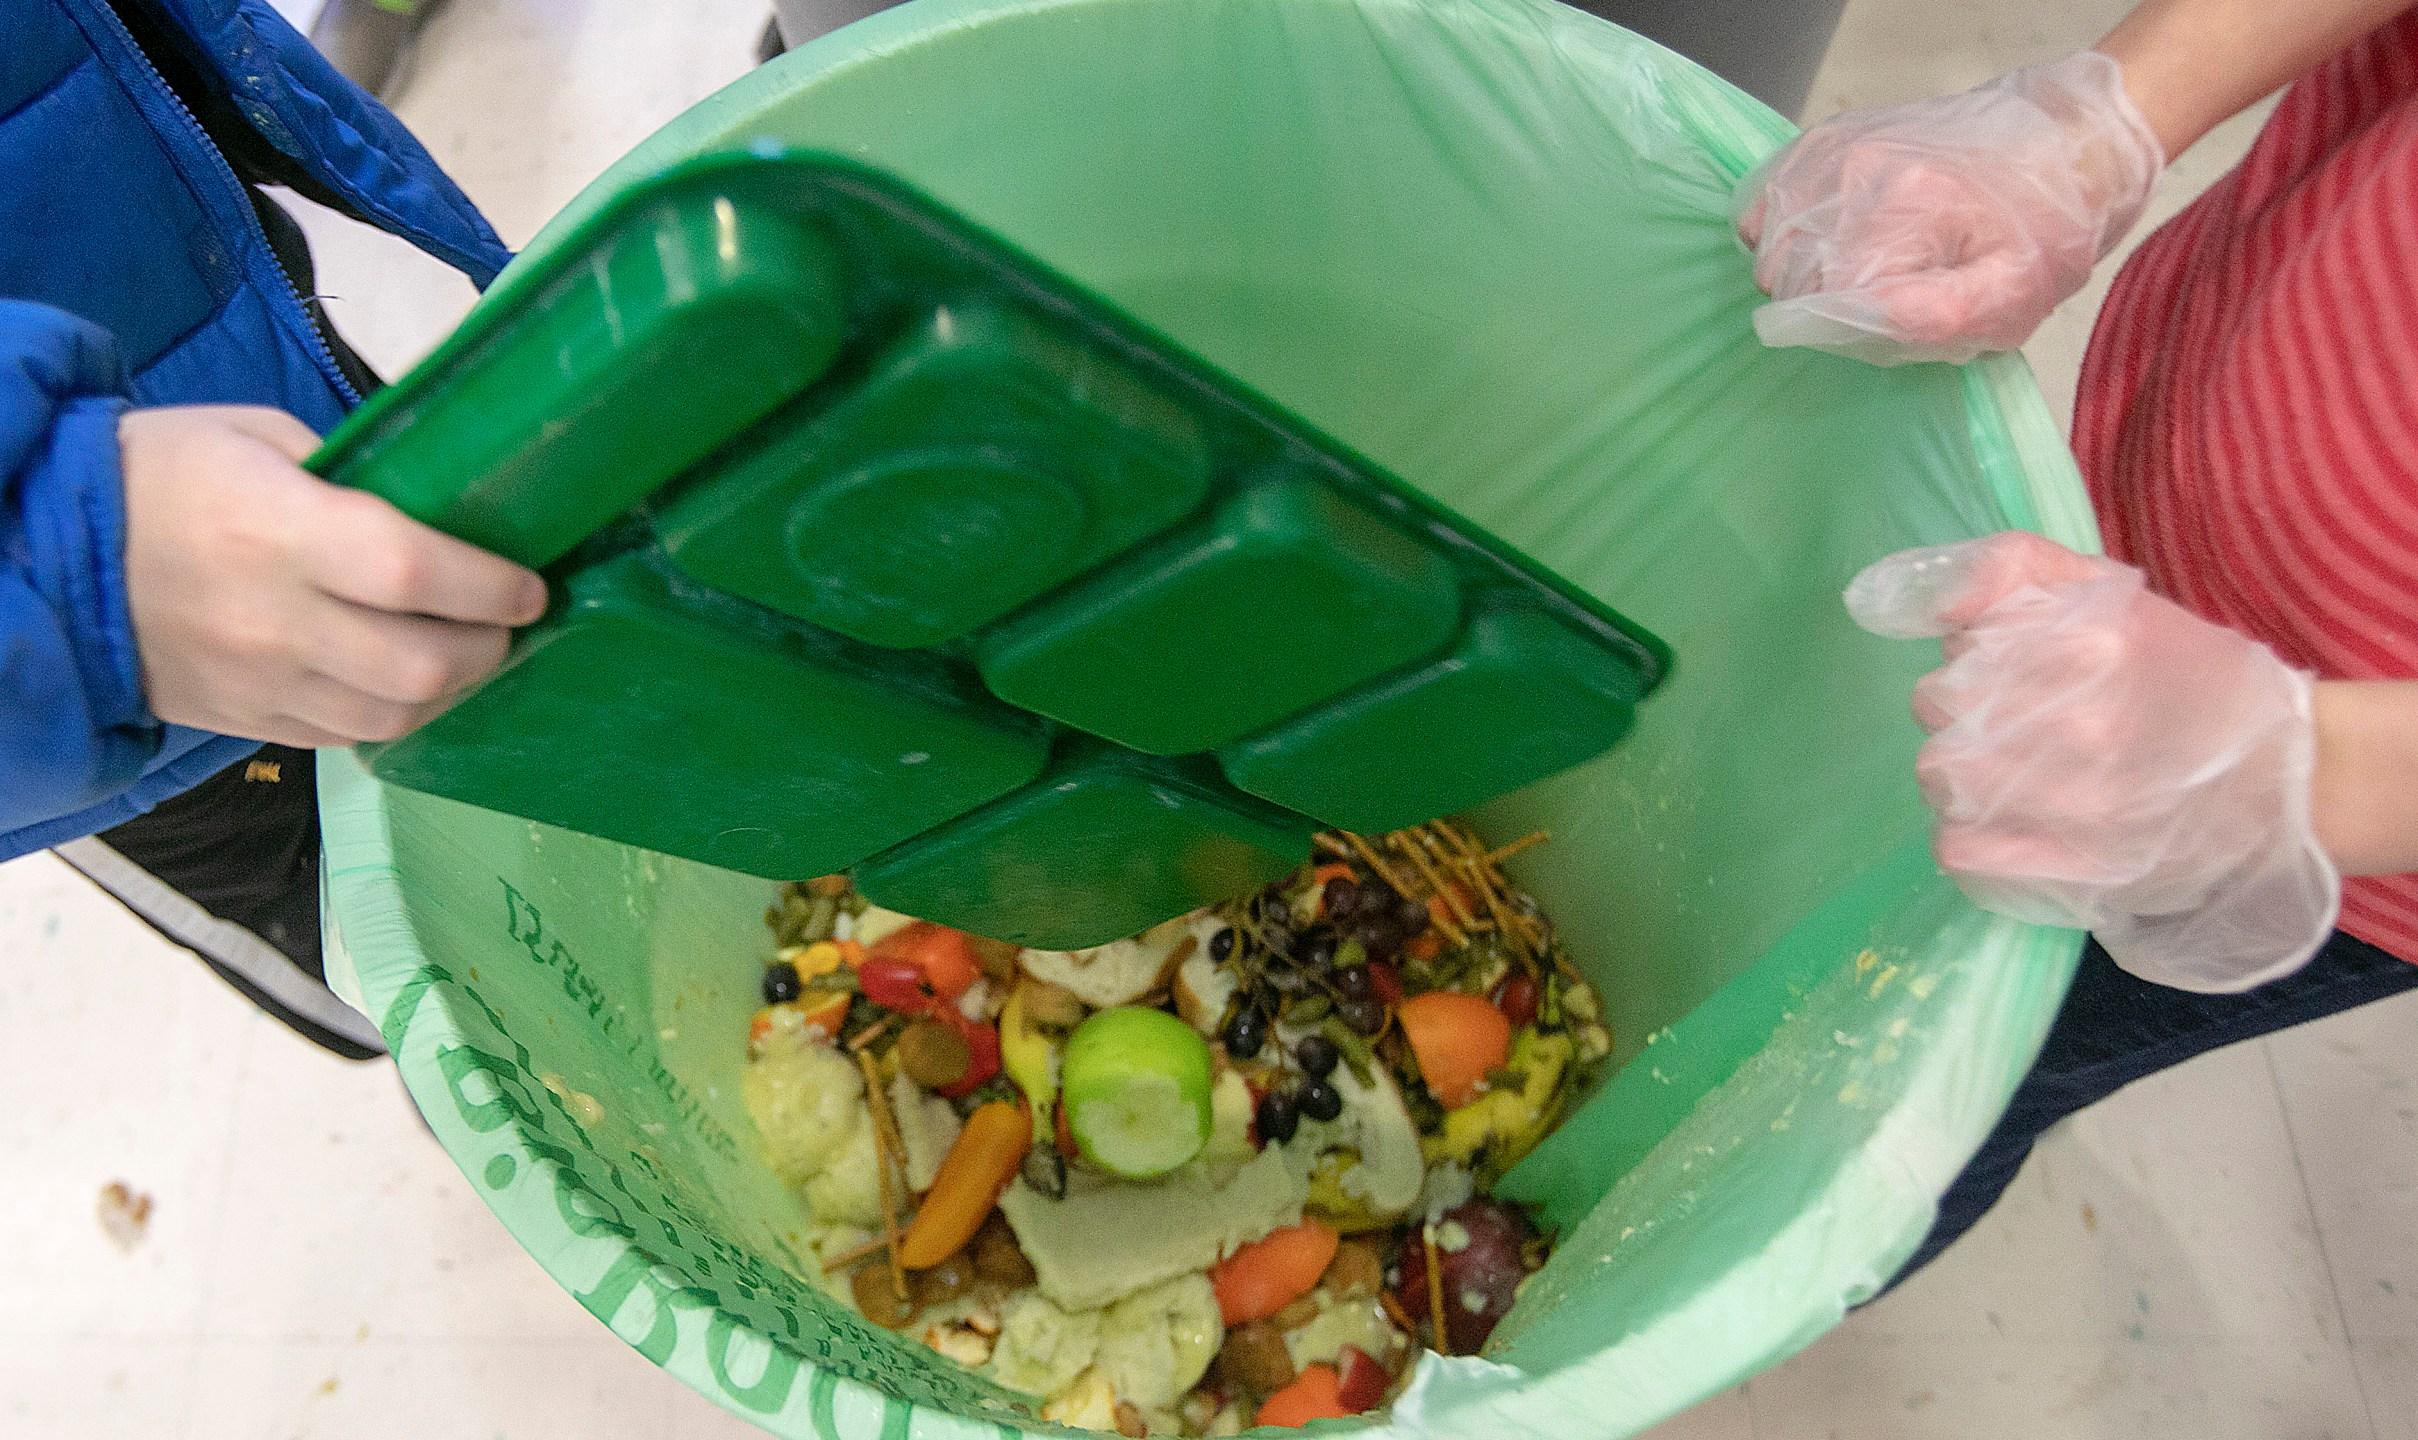 Food thrown in trash